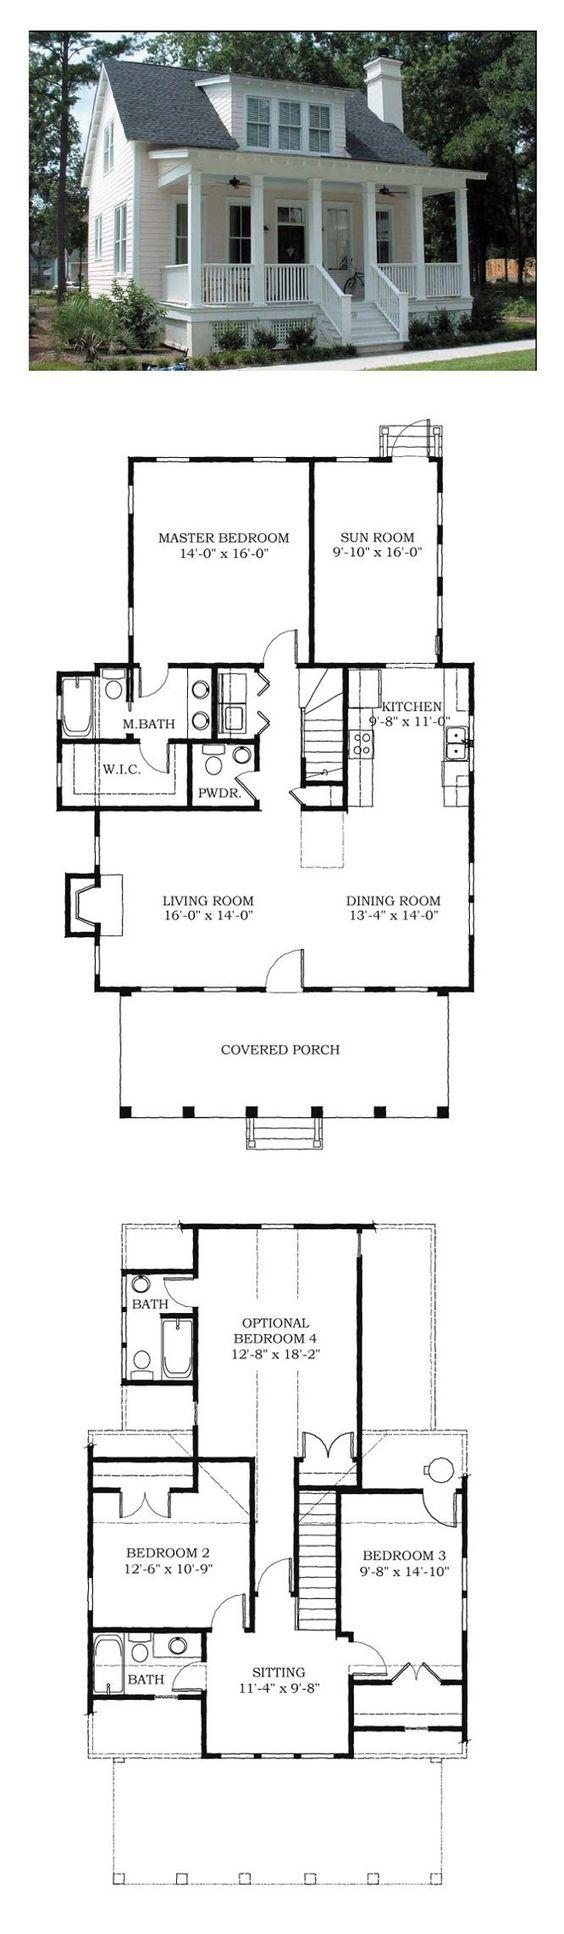 Cottage floor plans via Cool House Plans